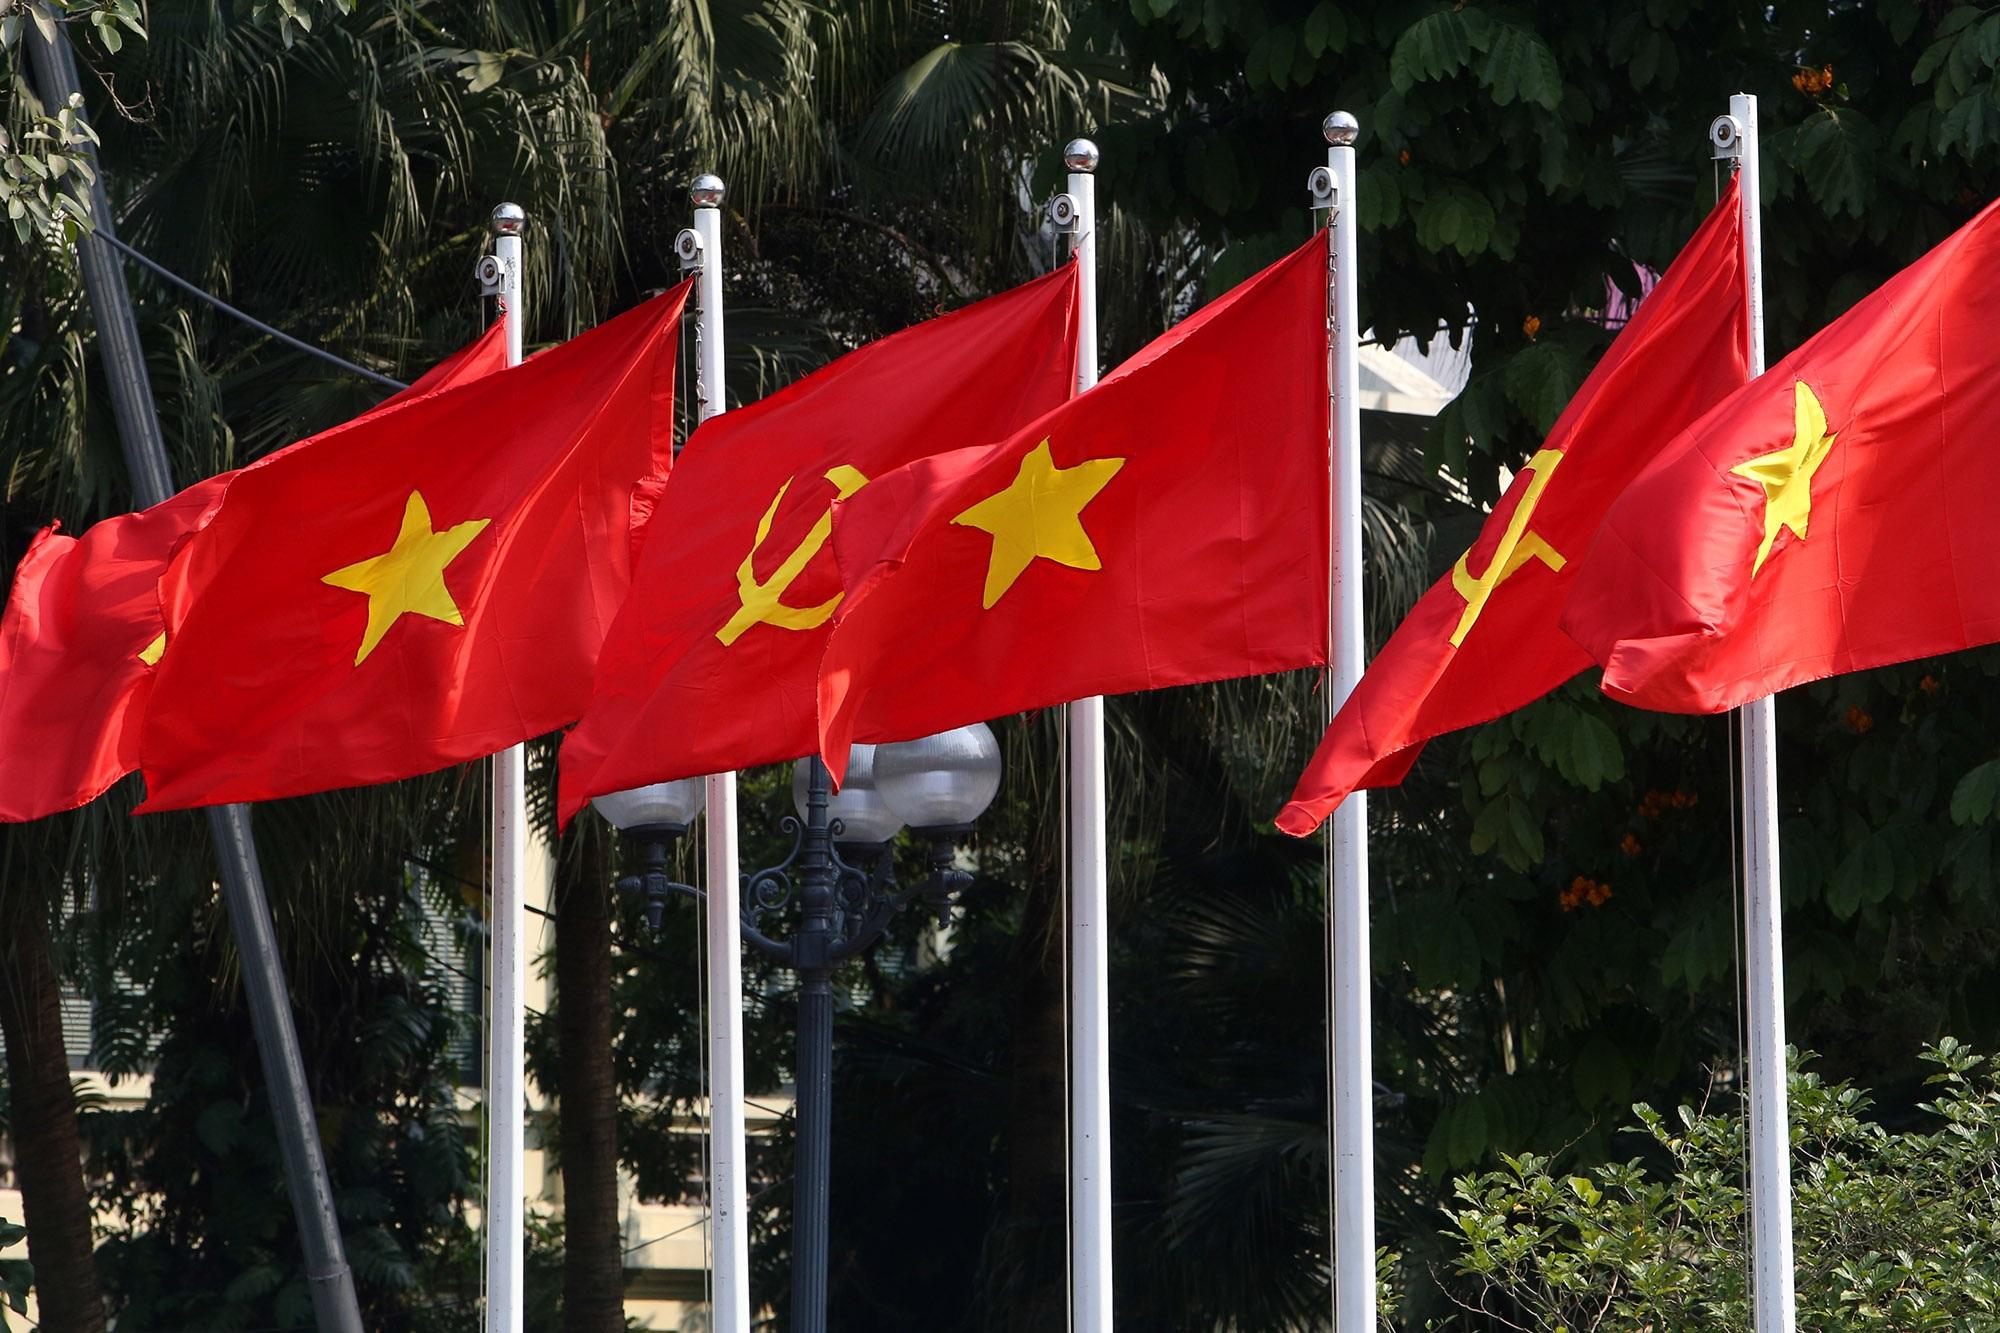 Hà Nội rực rỡ cờ, hoa mừng 90 năm Ngày thành lập Đảng - 14